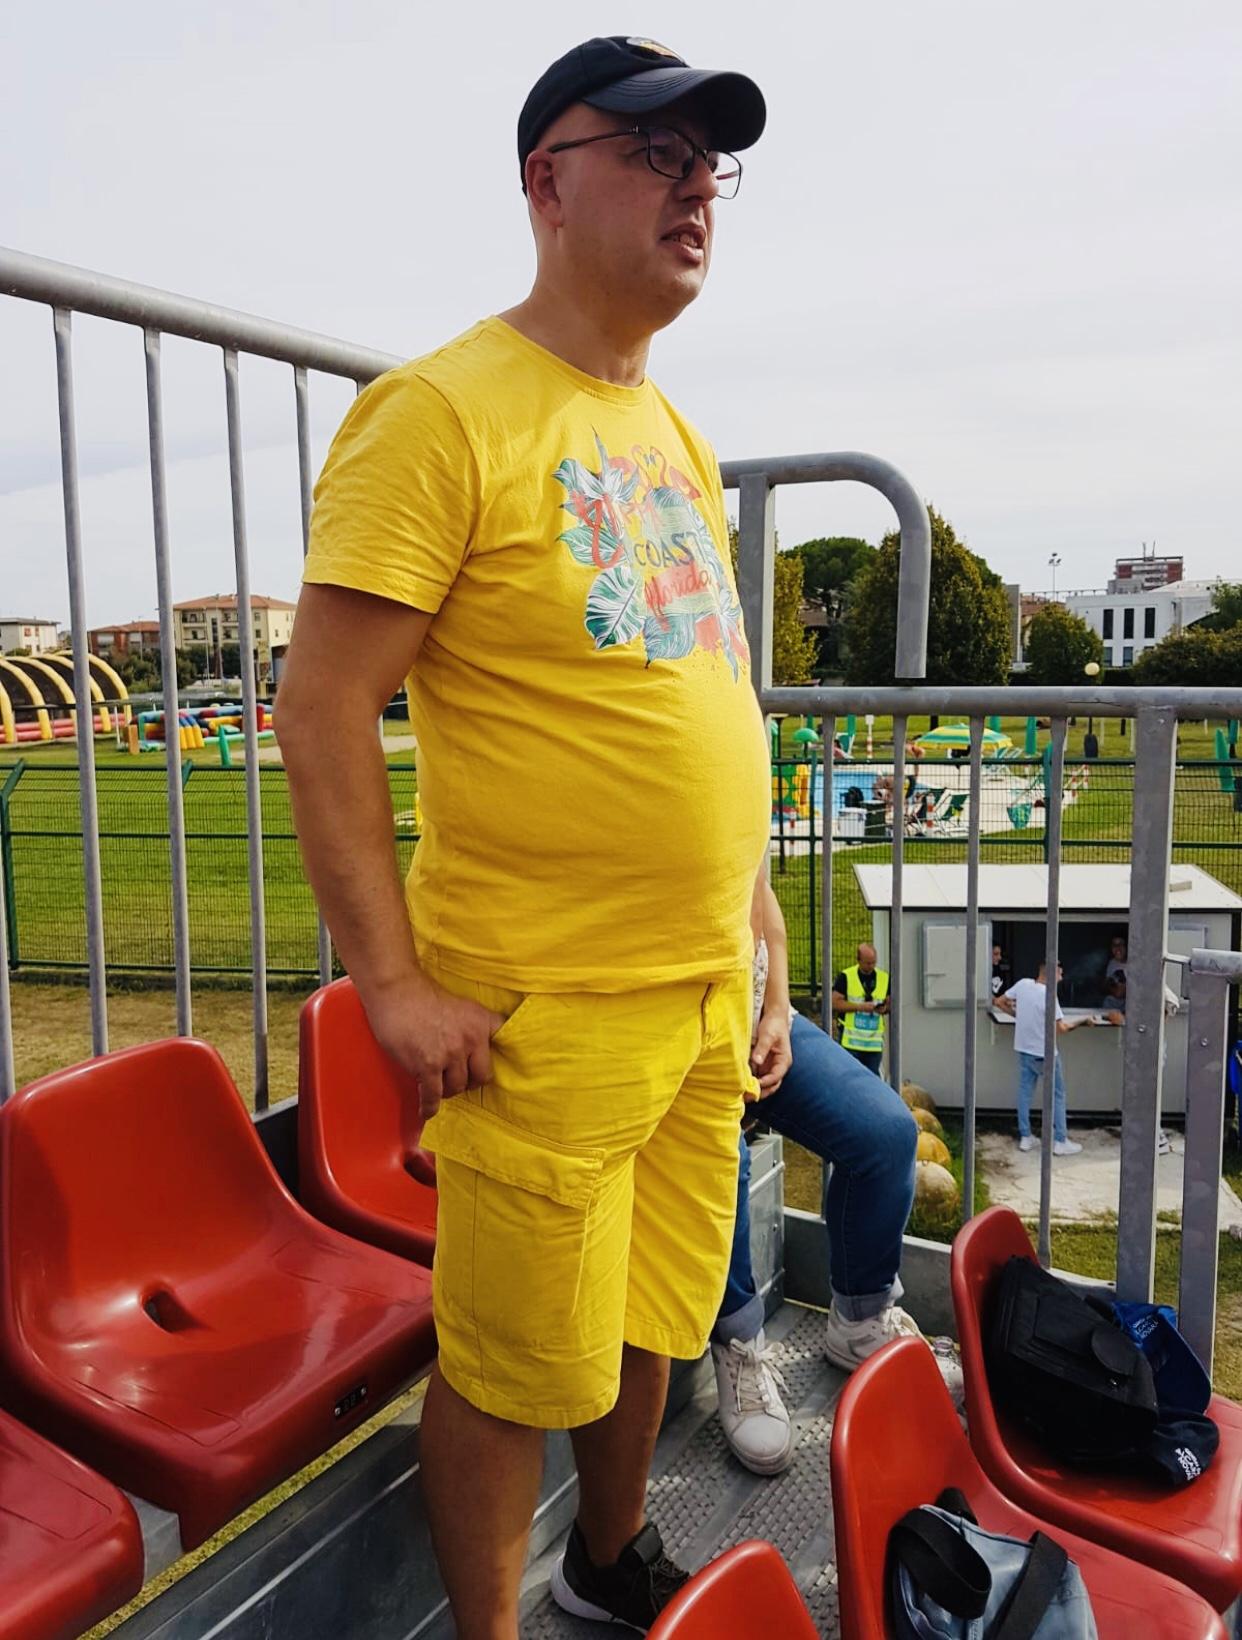 Il giallo è solo in curva